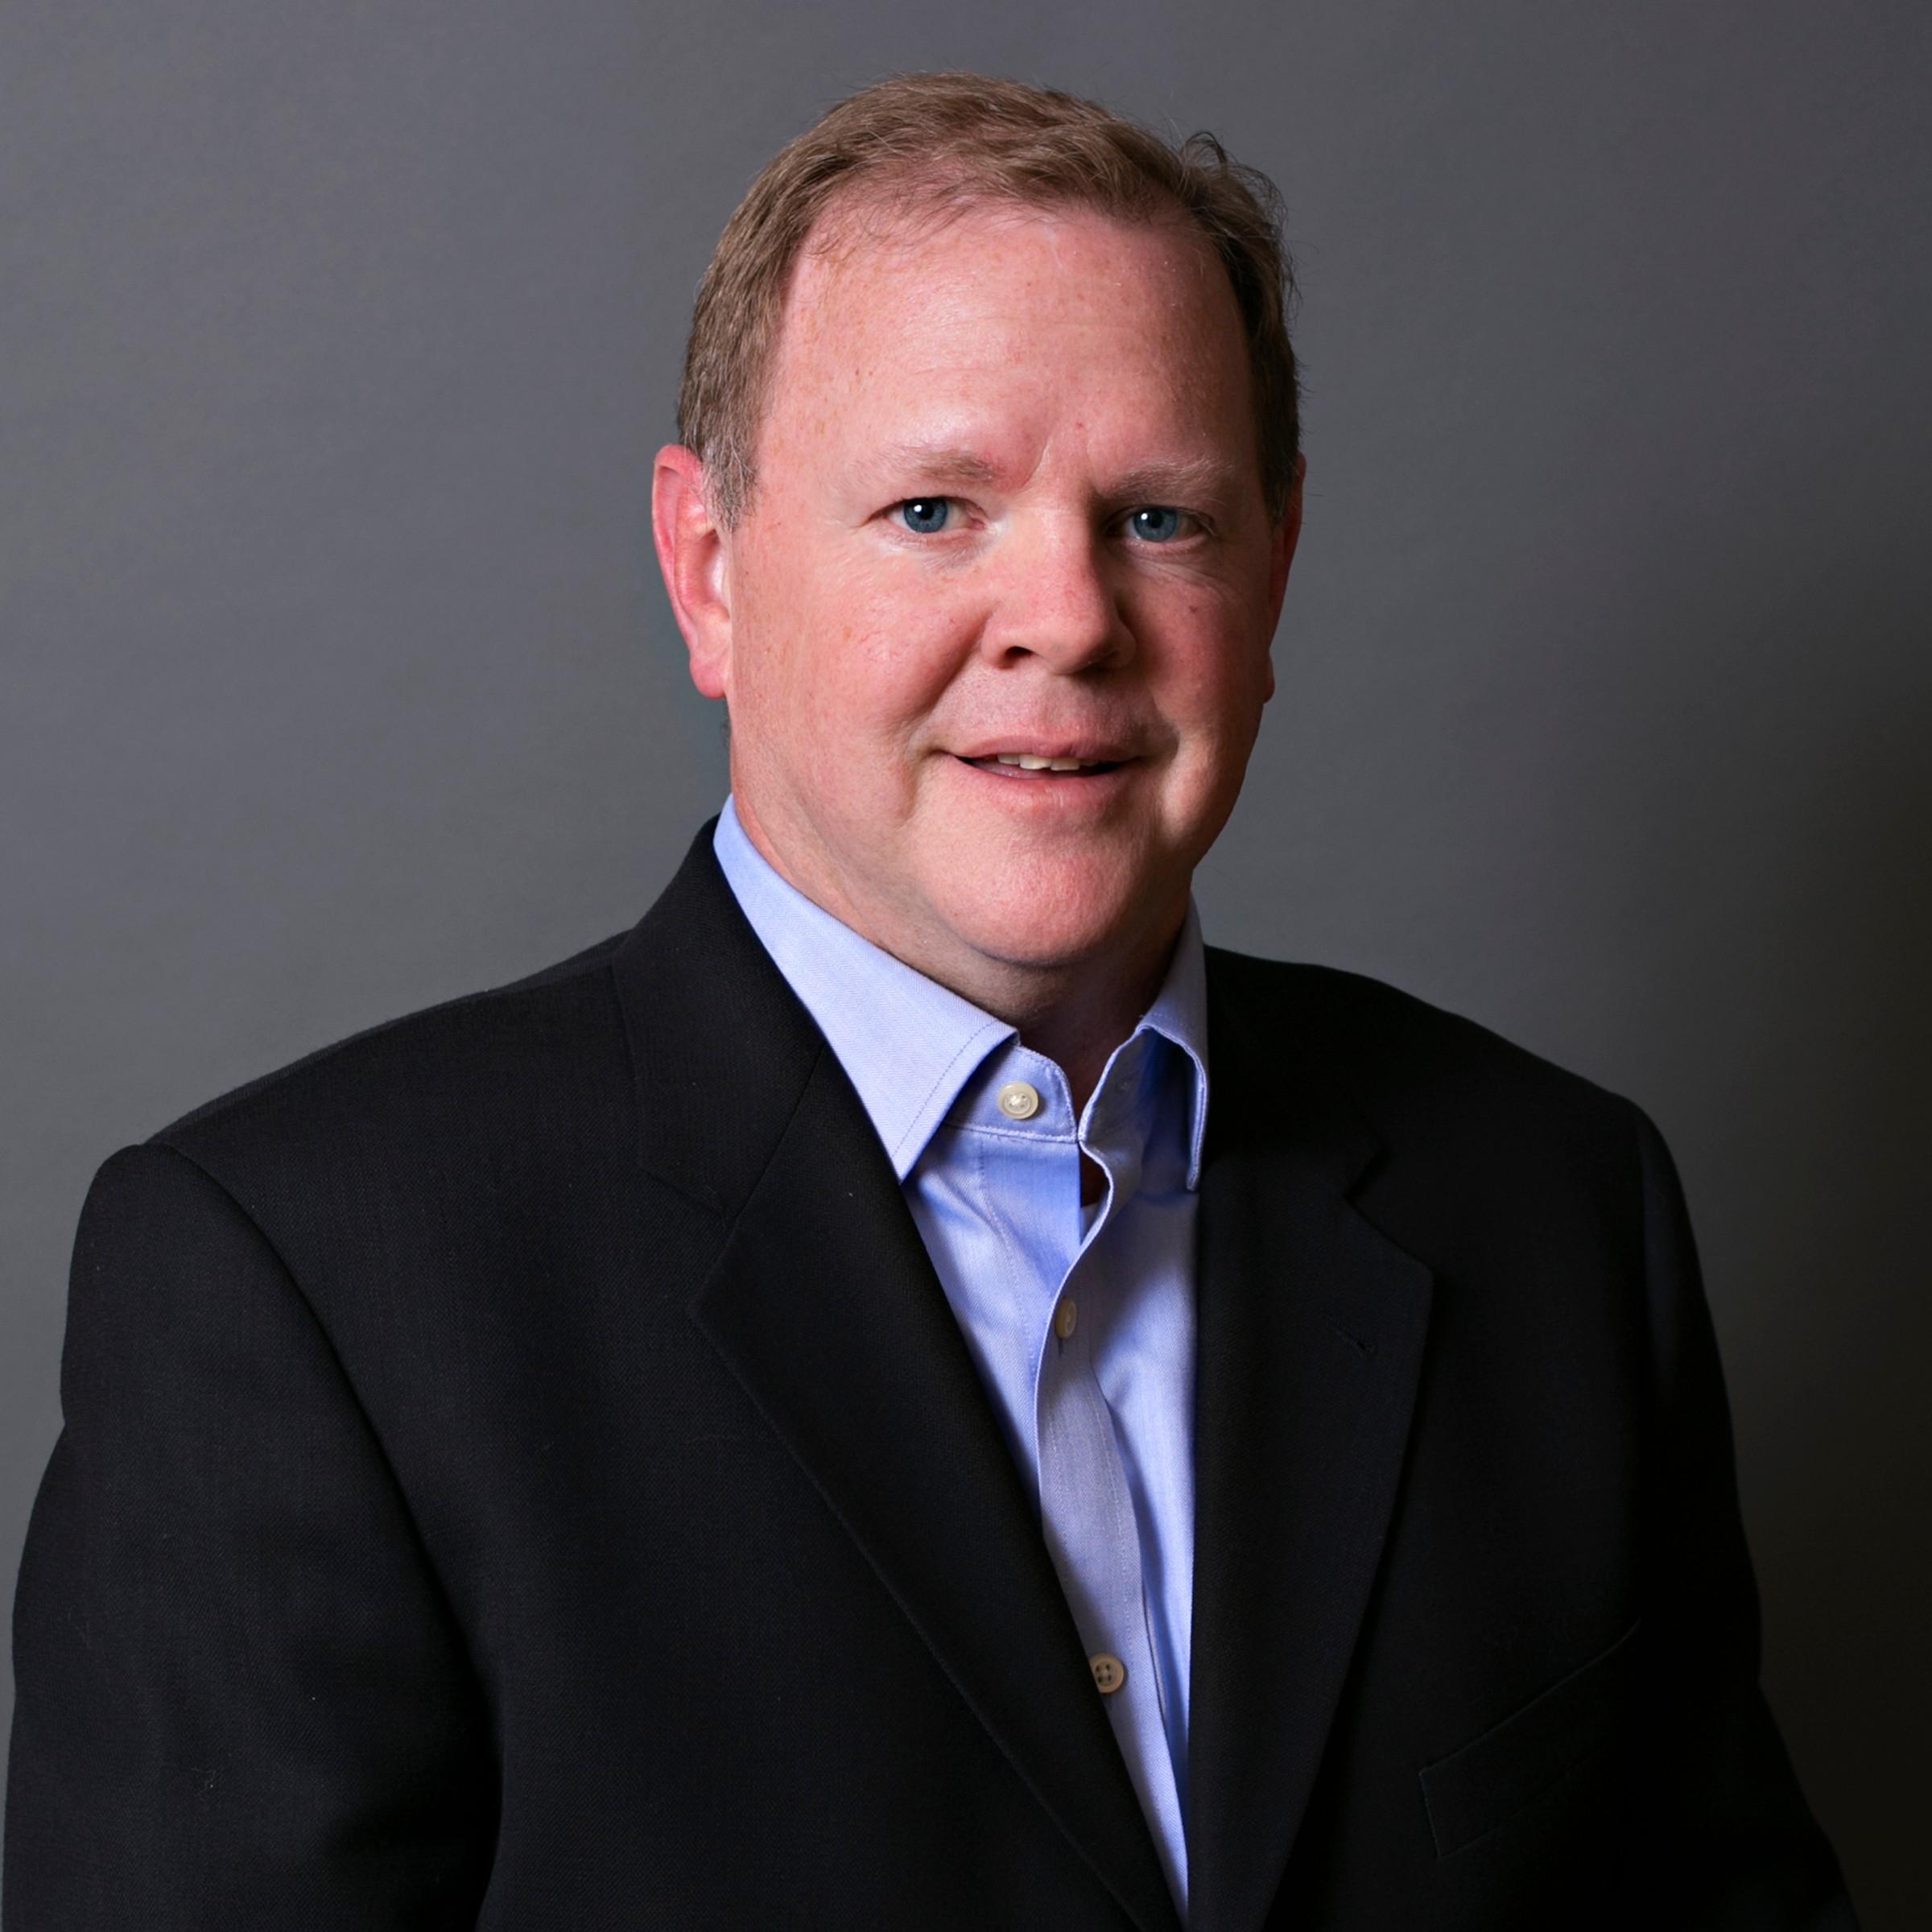 Brian Kaley